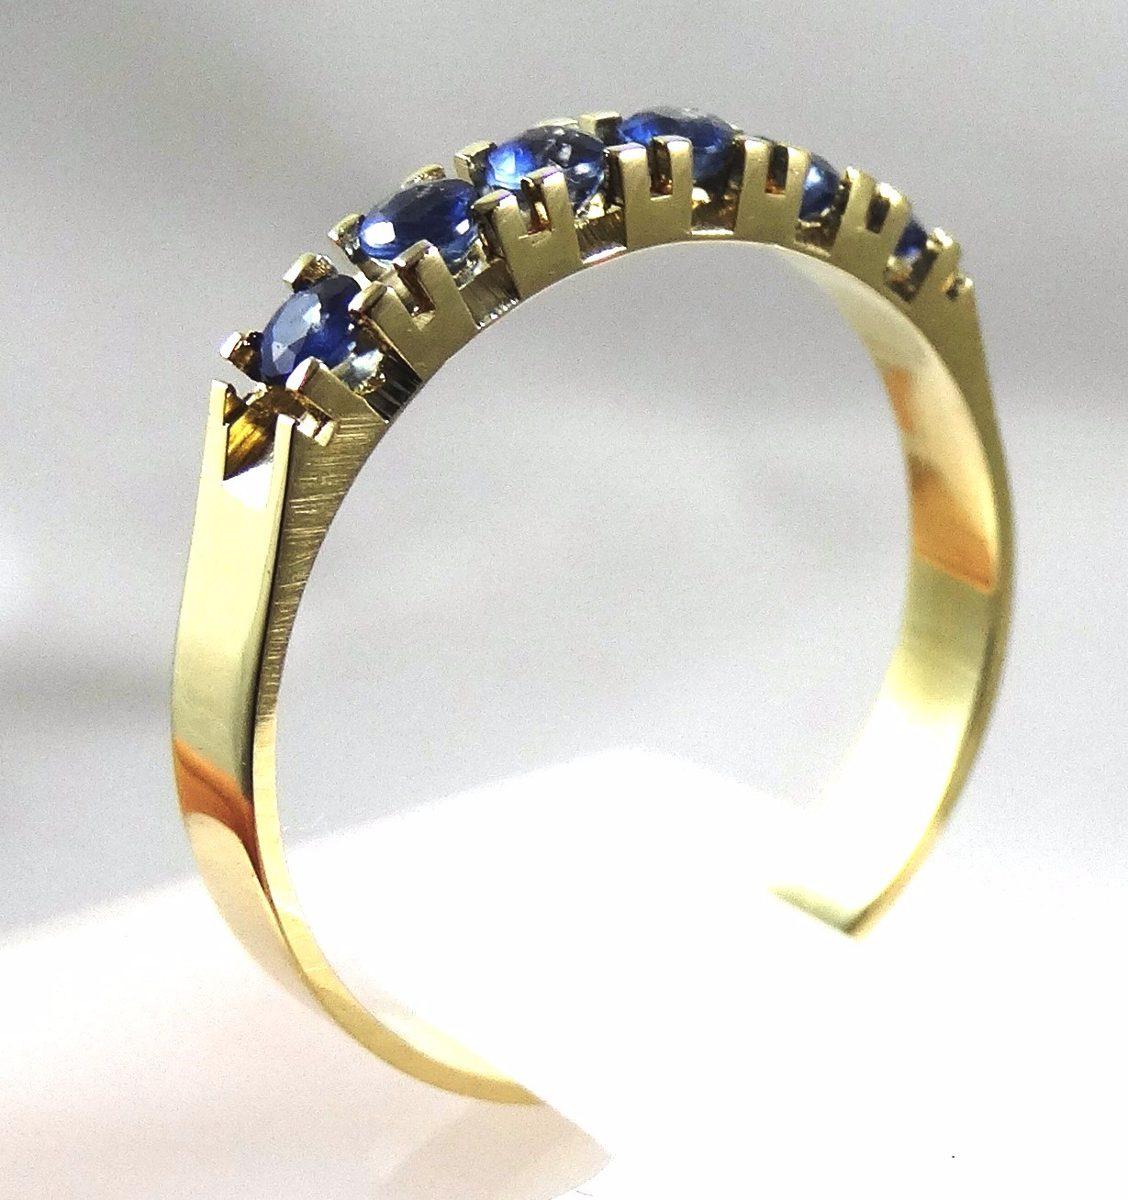 d3bfabbf71ea8 anel meia aliança ouro 18k com safiras redondas. Carregando zoom.